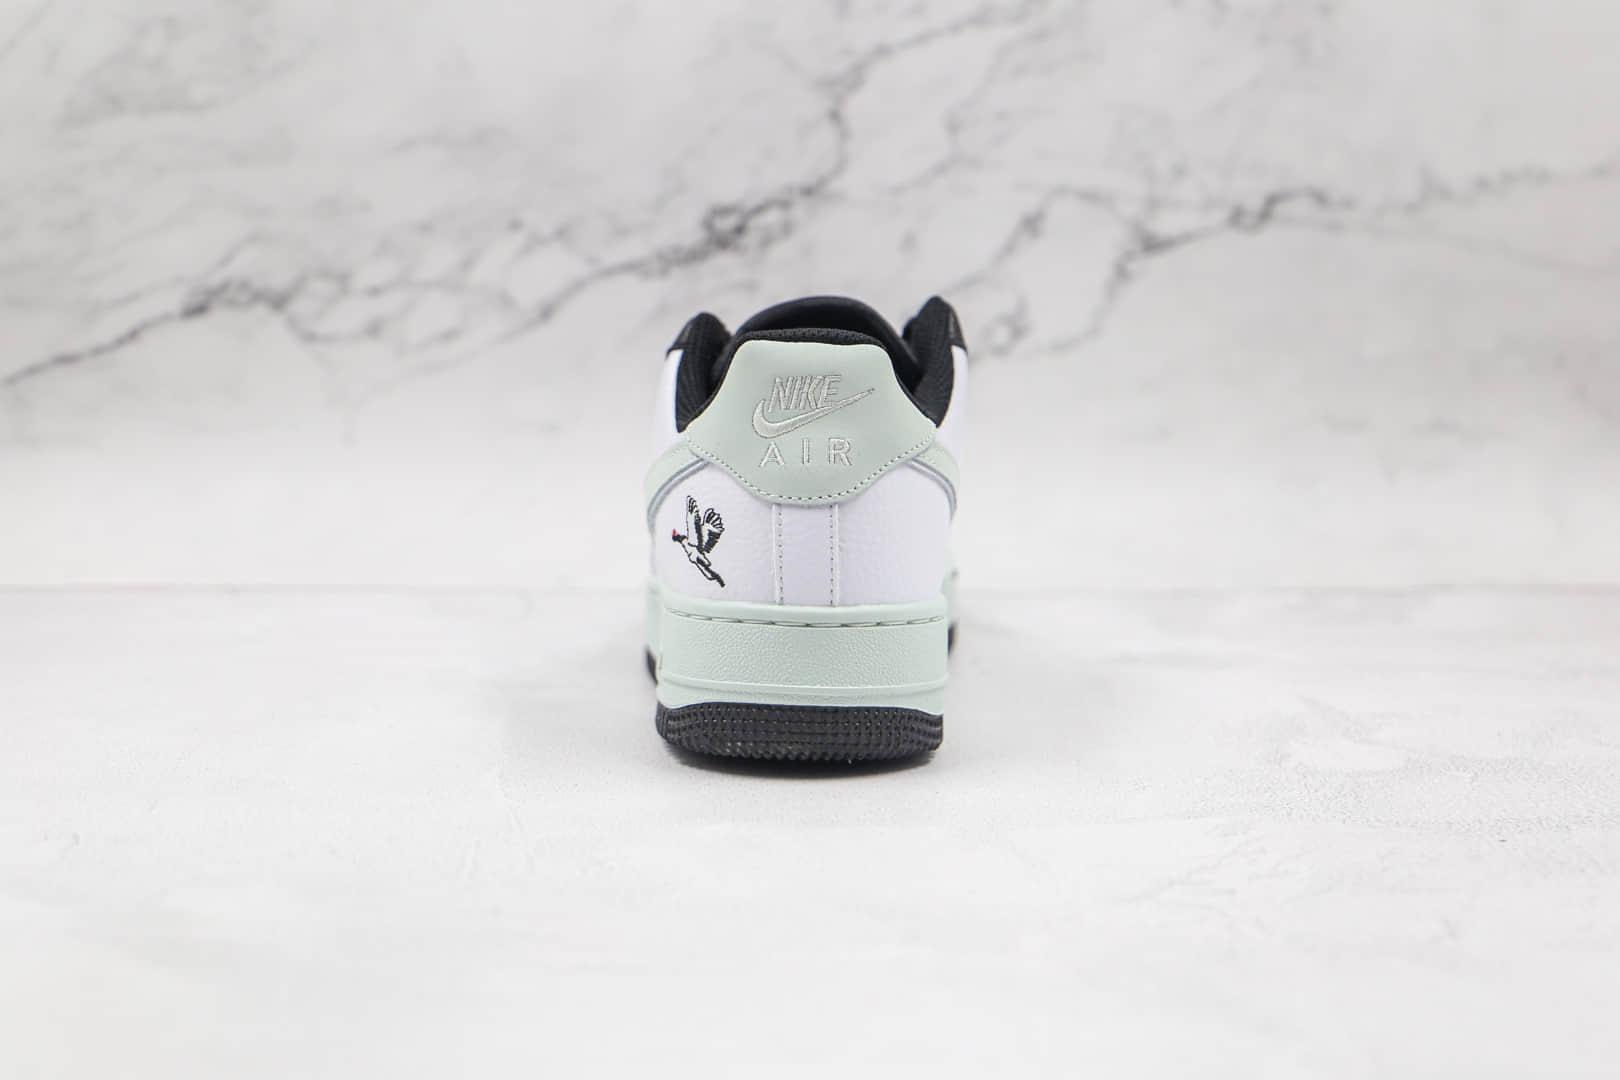 耐克Nike Air Force 1 Low Milky Stork纯原版本低帮空军一号银鹳白绿色板鞋原档案数据开发 货号:DA8482-100